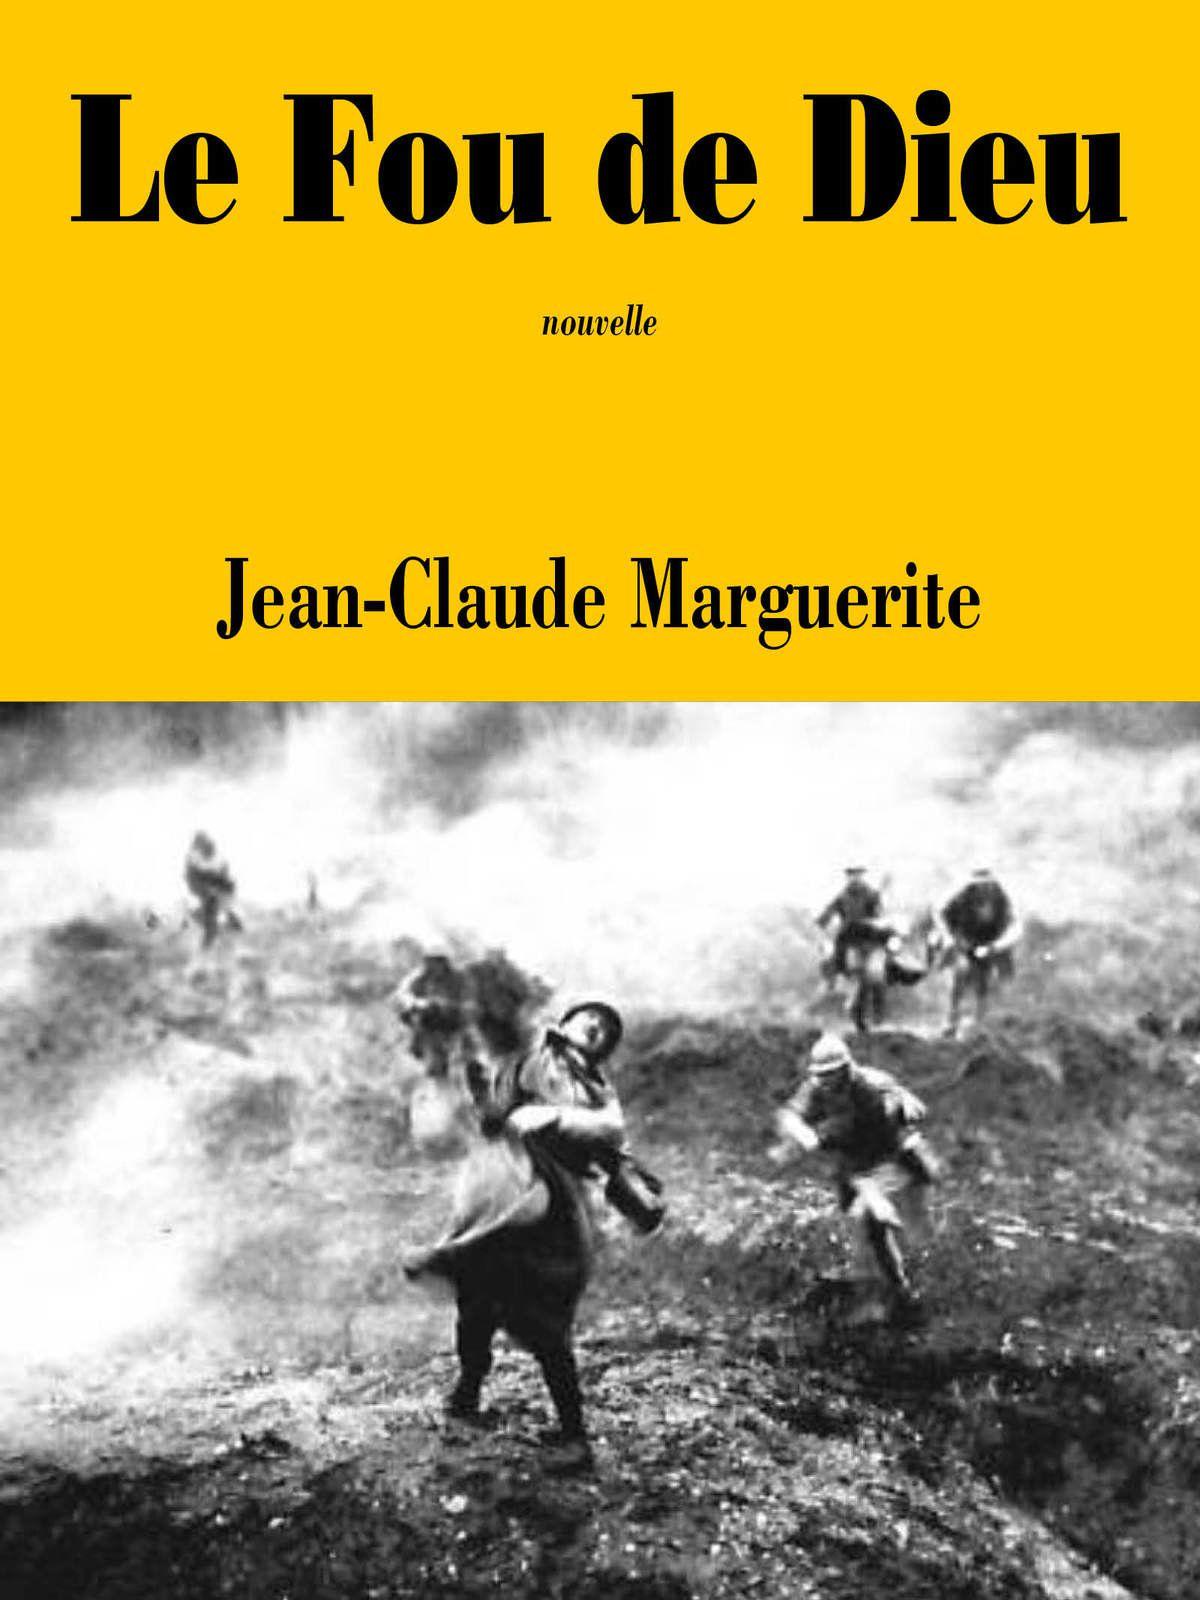 Le Fou de Dieu - Jean-Claude MARGUERITE (2014), illustration de Léon POIRIER et Jean-Claude MARGUERITE, Jean-Claude MARGUERITE, 2014